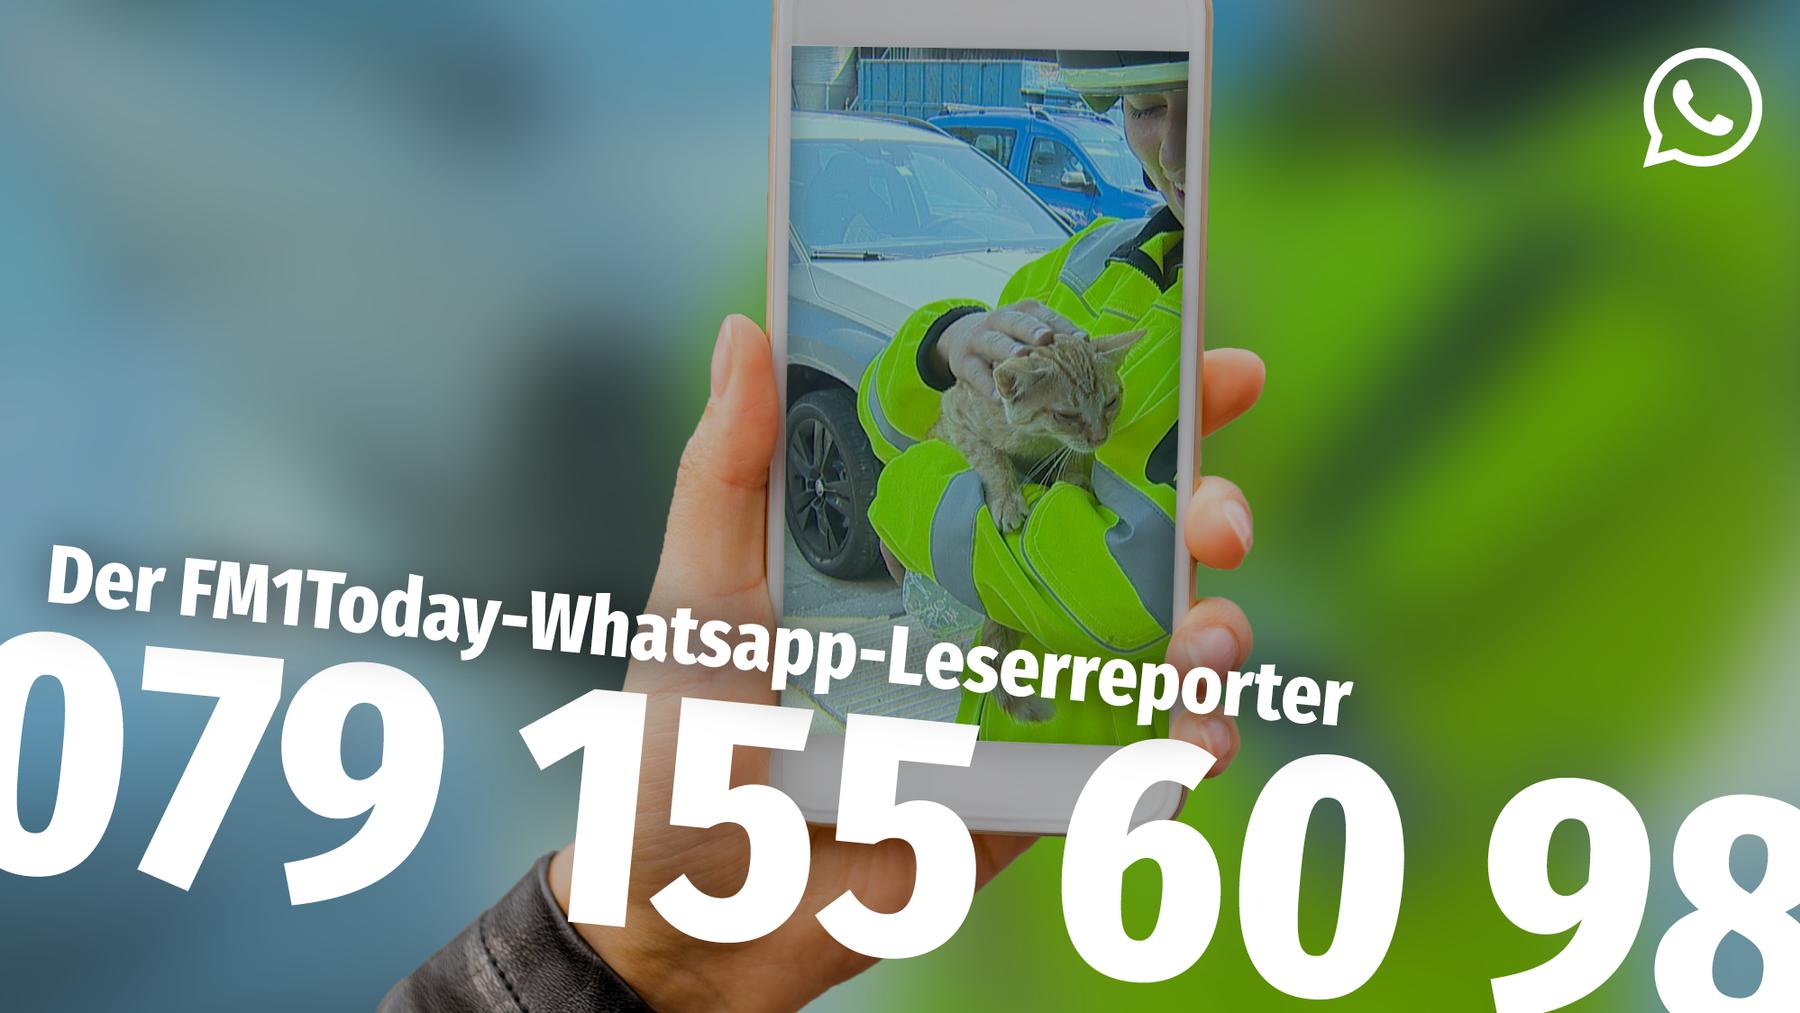 whatsappleserreporter2